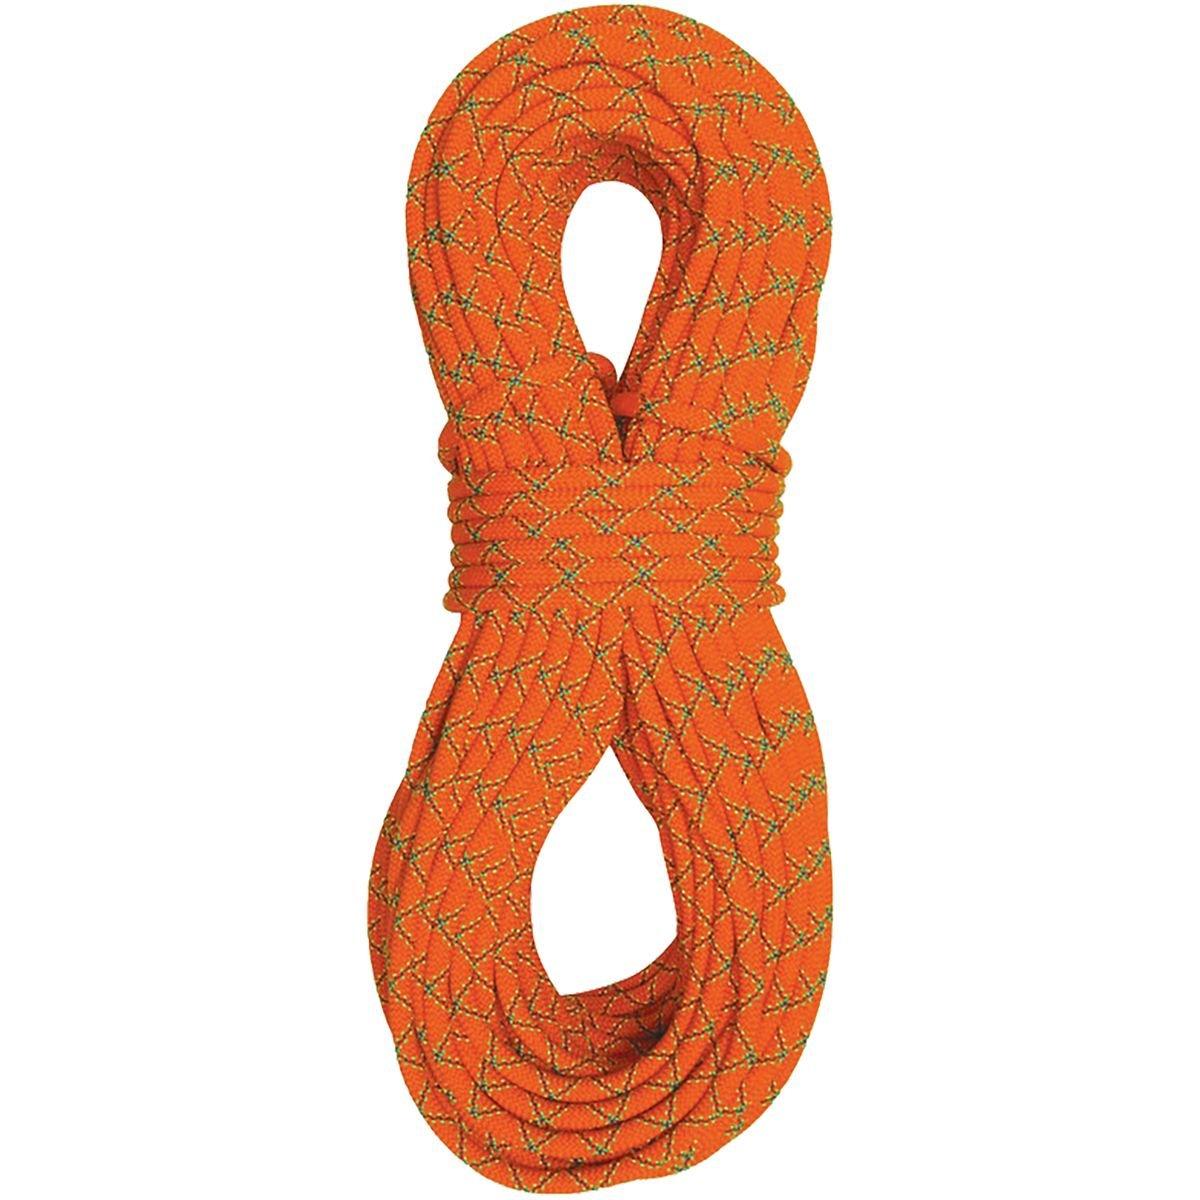 スターリングEvolution Duetto 8.4 MM dryxpダイナミックロープ B071W7L1GT オレンジ 60m 60m|オレンジ